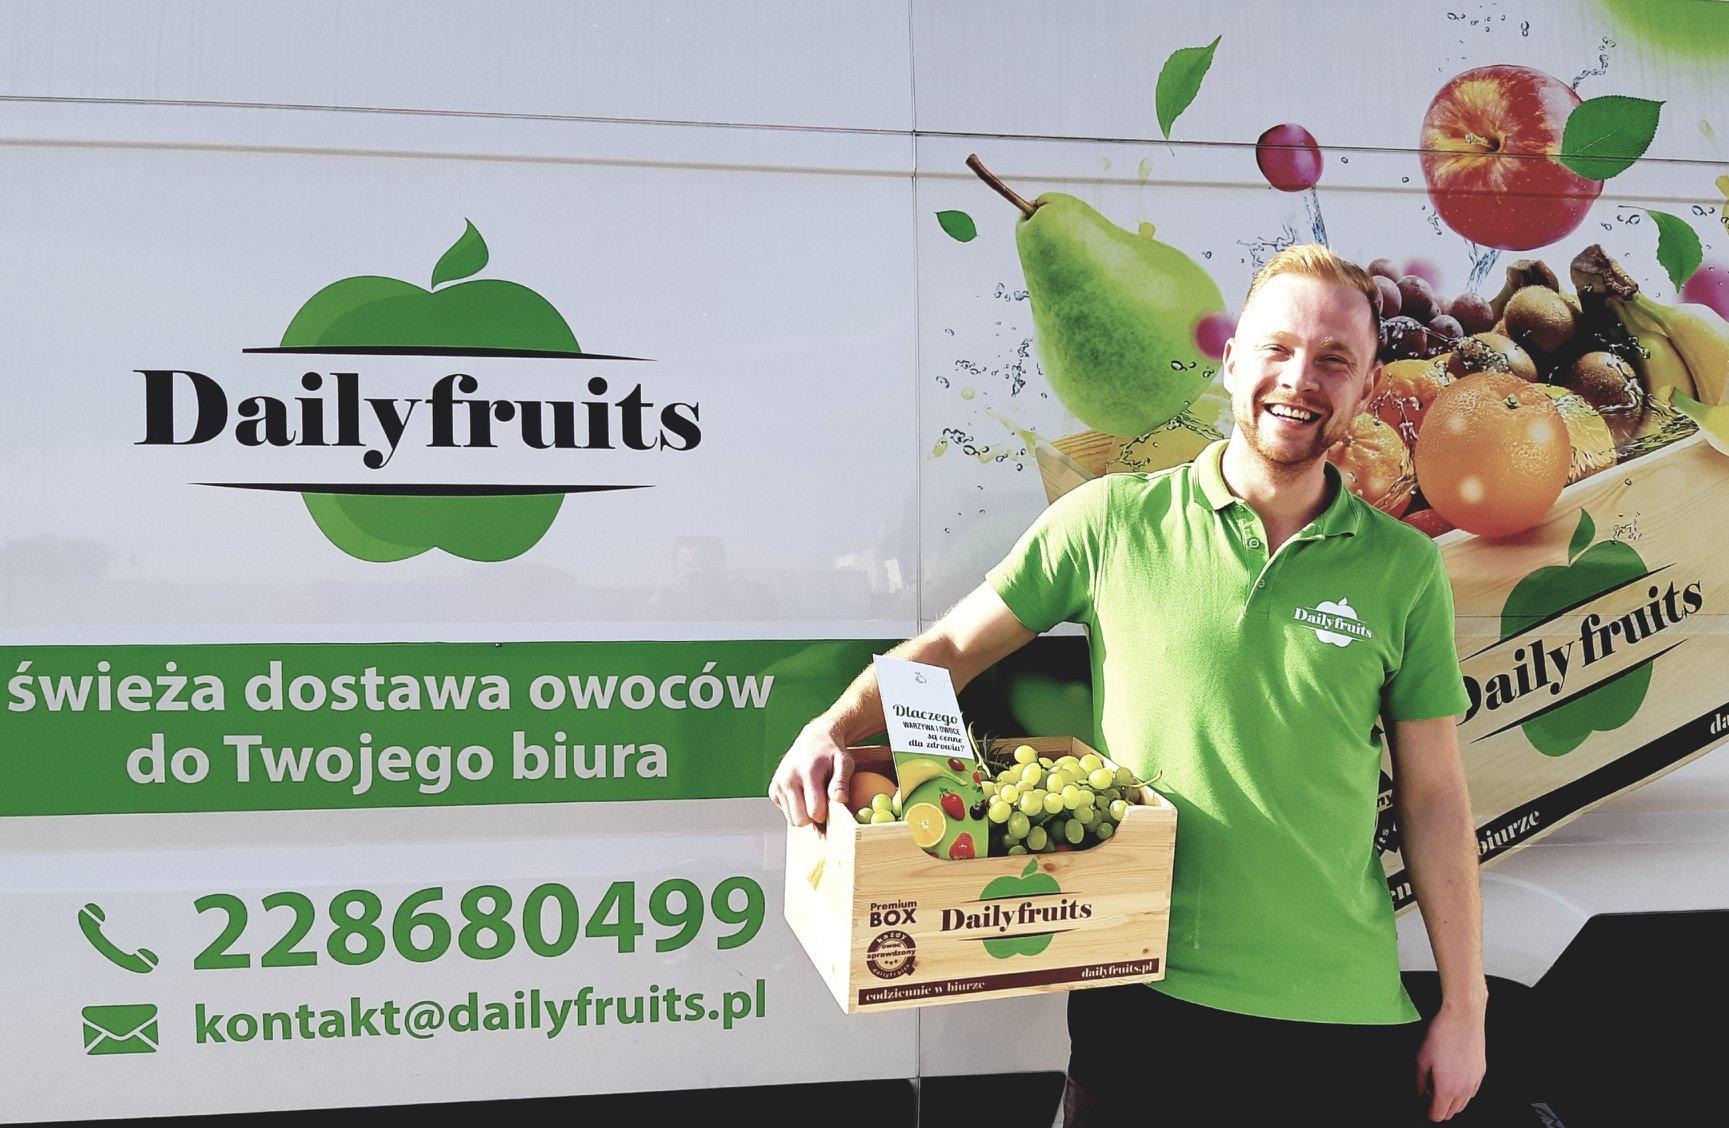 owocowe dostawy w czasach koronawirusa